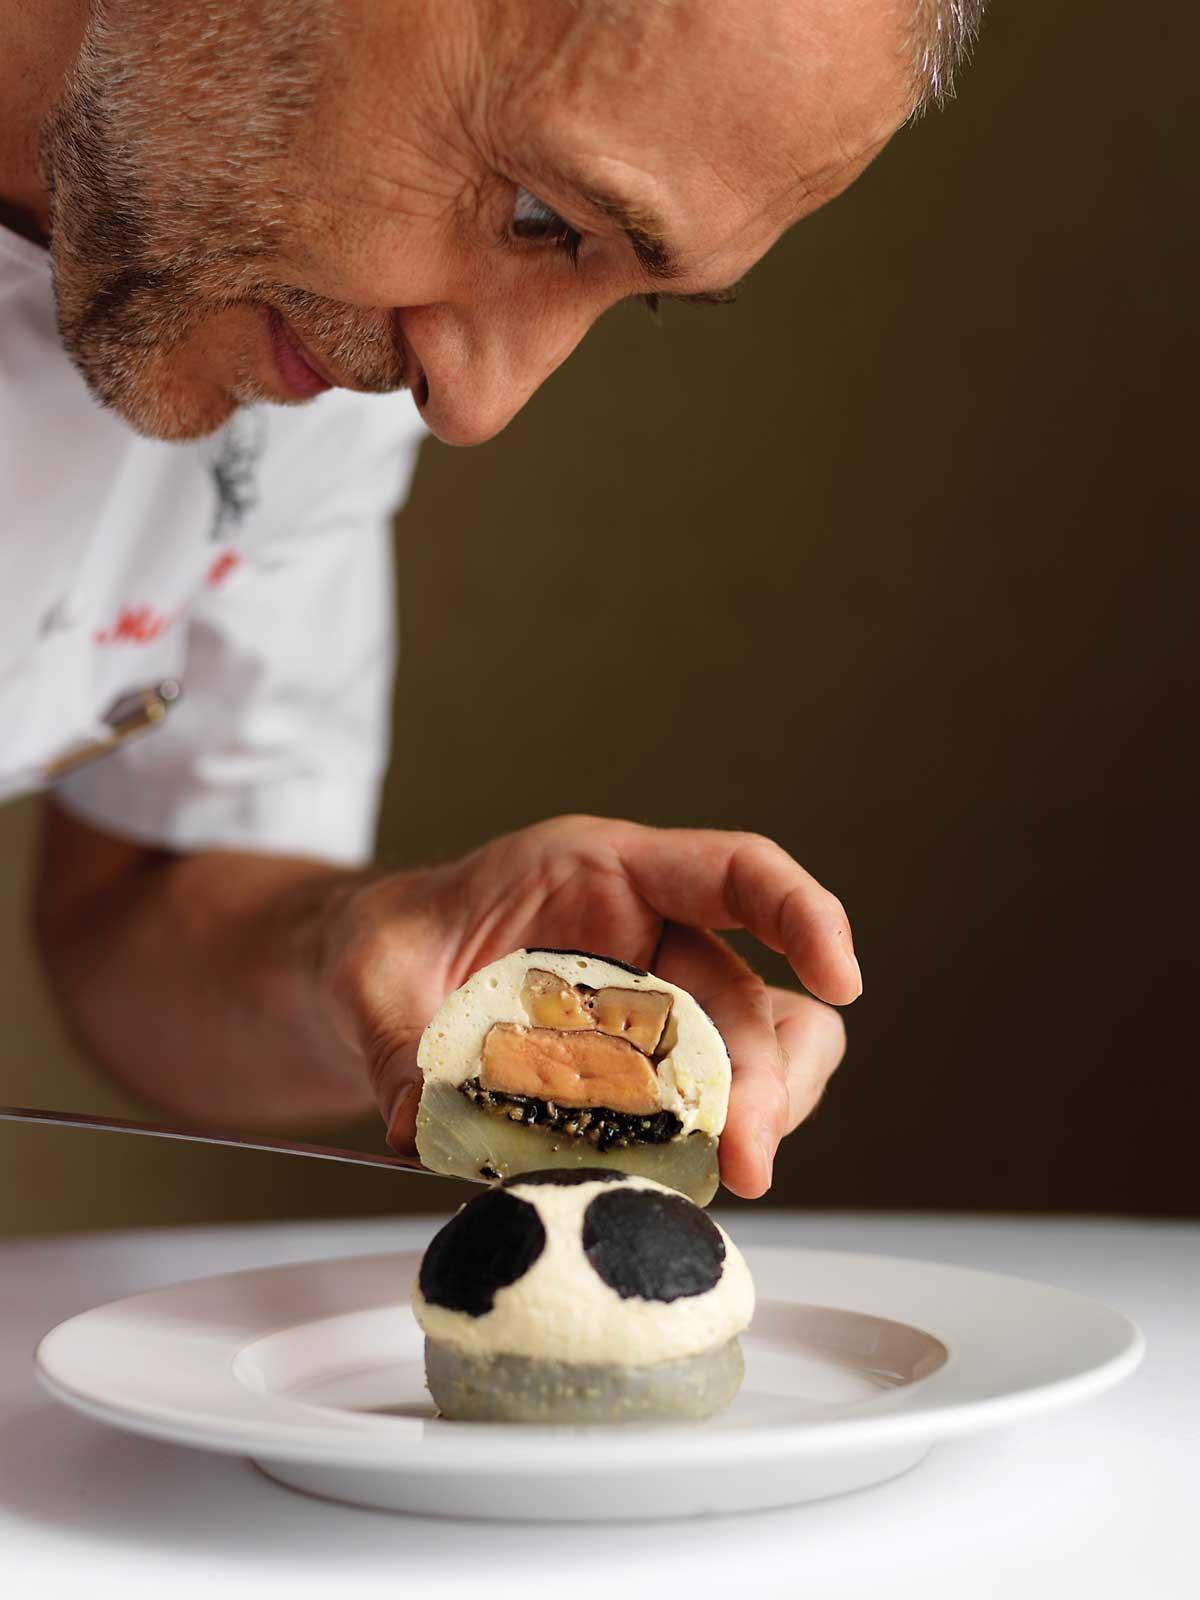 Michel Roux's fine cuisine